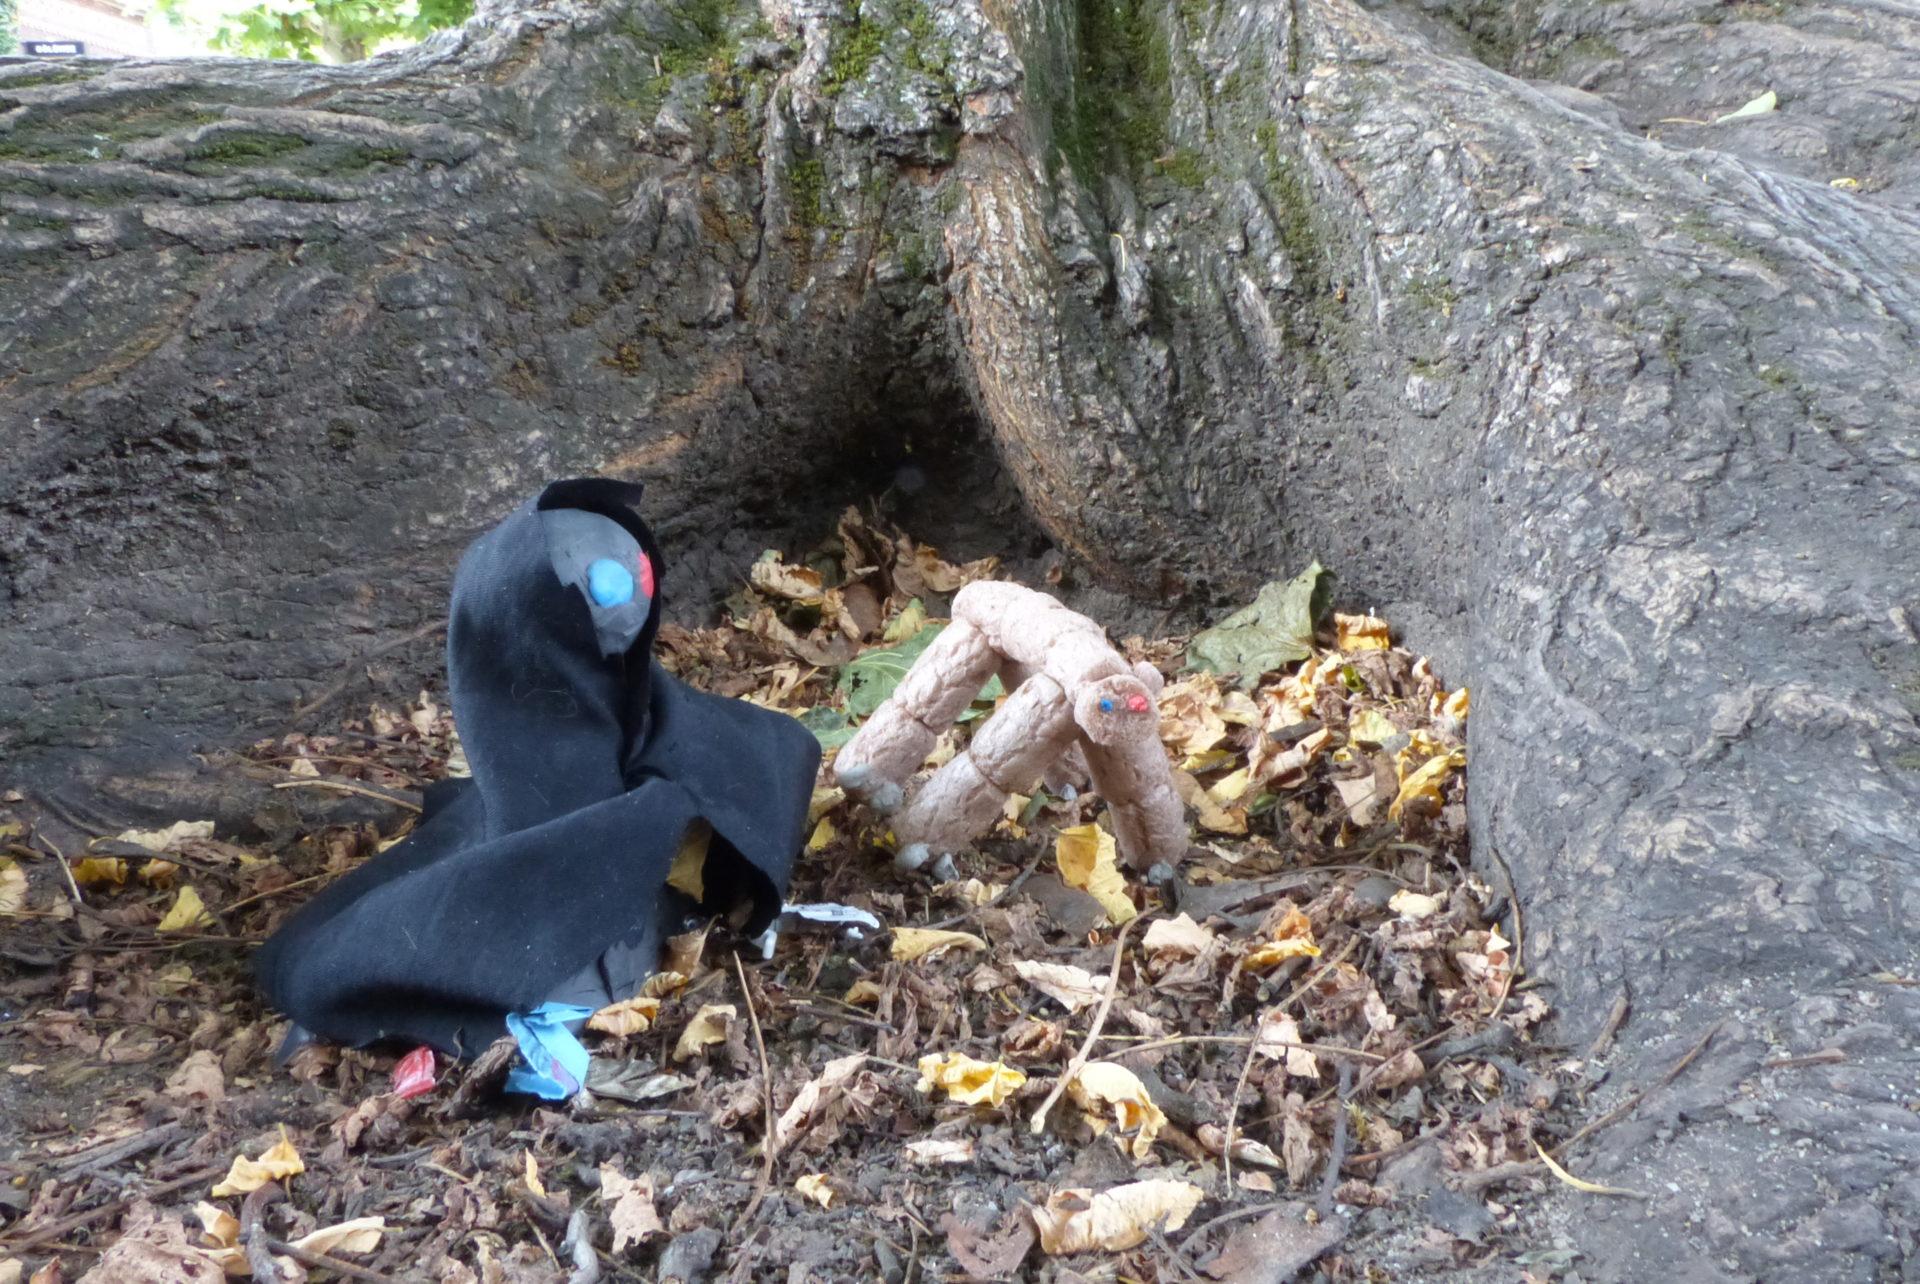 Männchen aus Knete und Stoff sitzen vor Baumstumpf